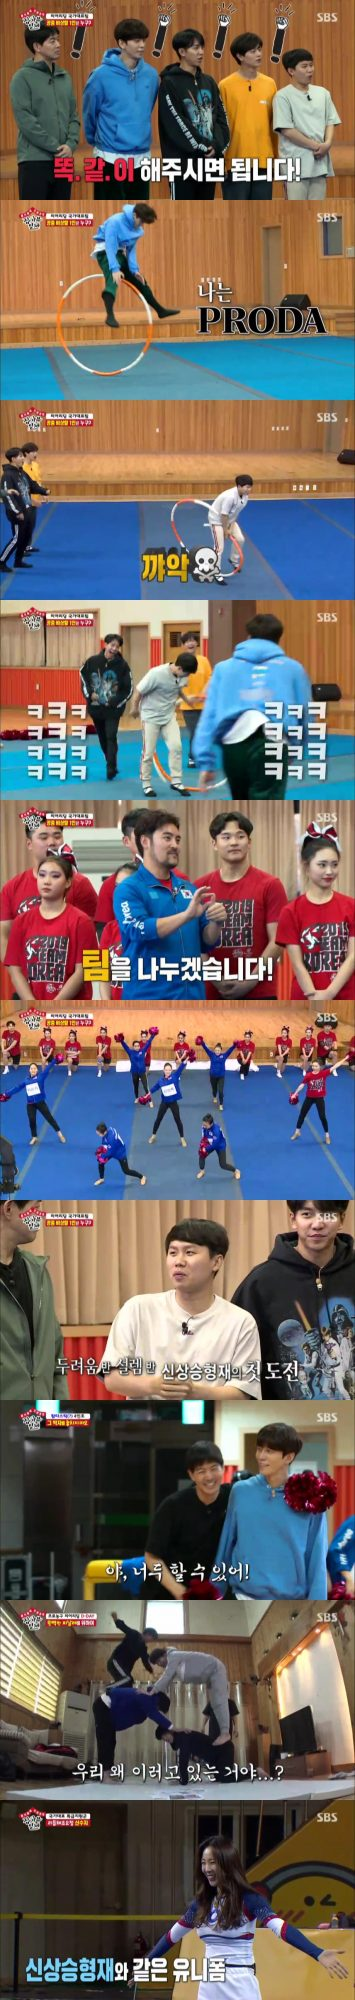 '집사부일체' 방송 캡처. /사진제공=SBS